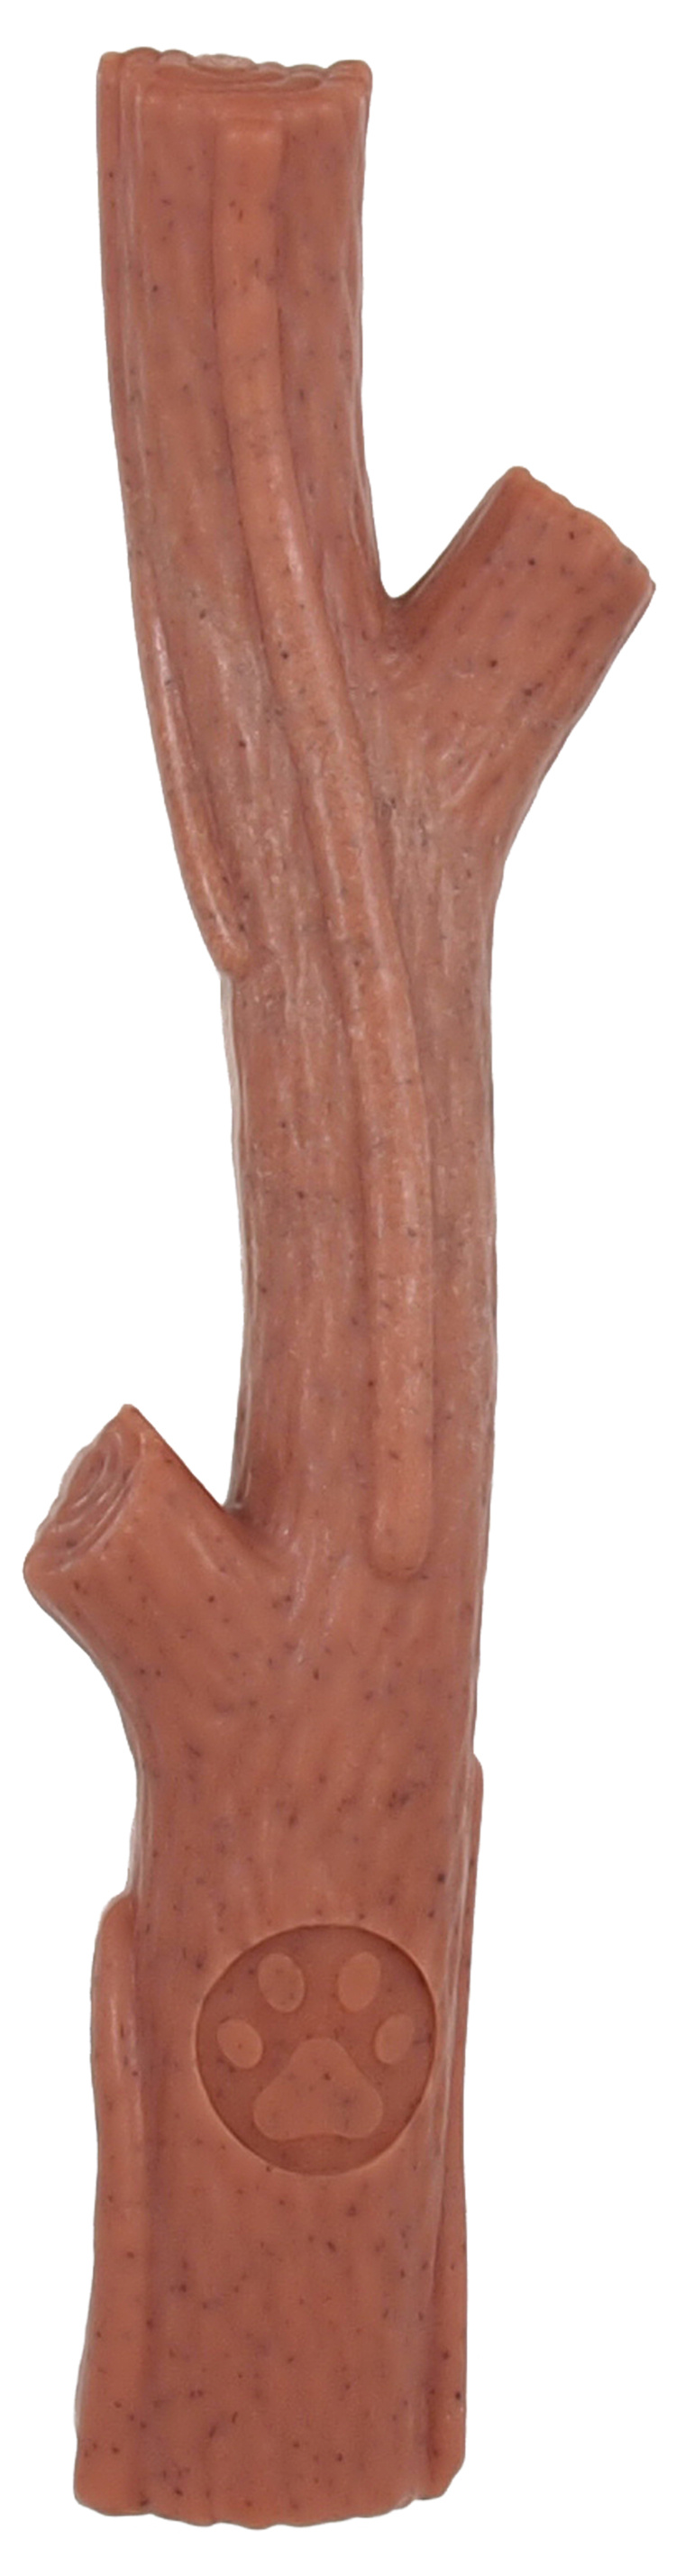 Hračka žvýkací Mr. Dental Bambone klacek slanina L